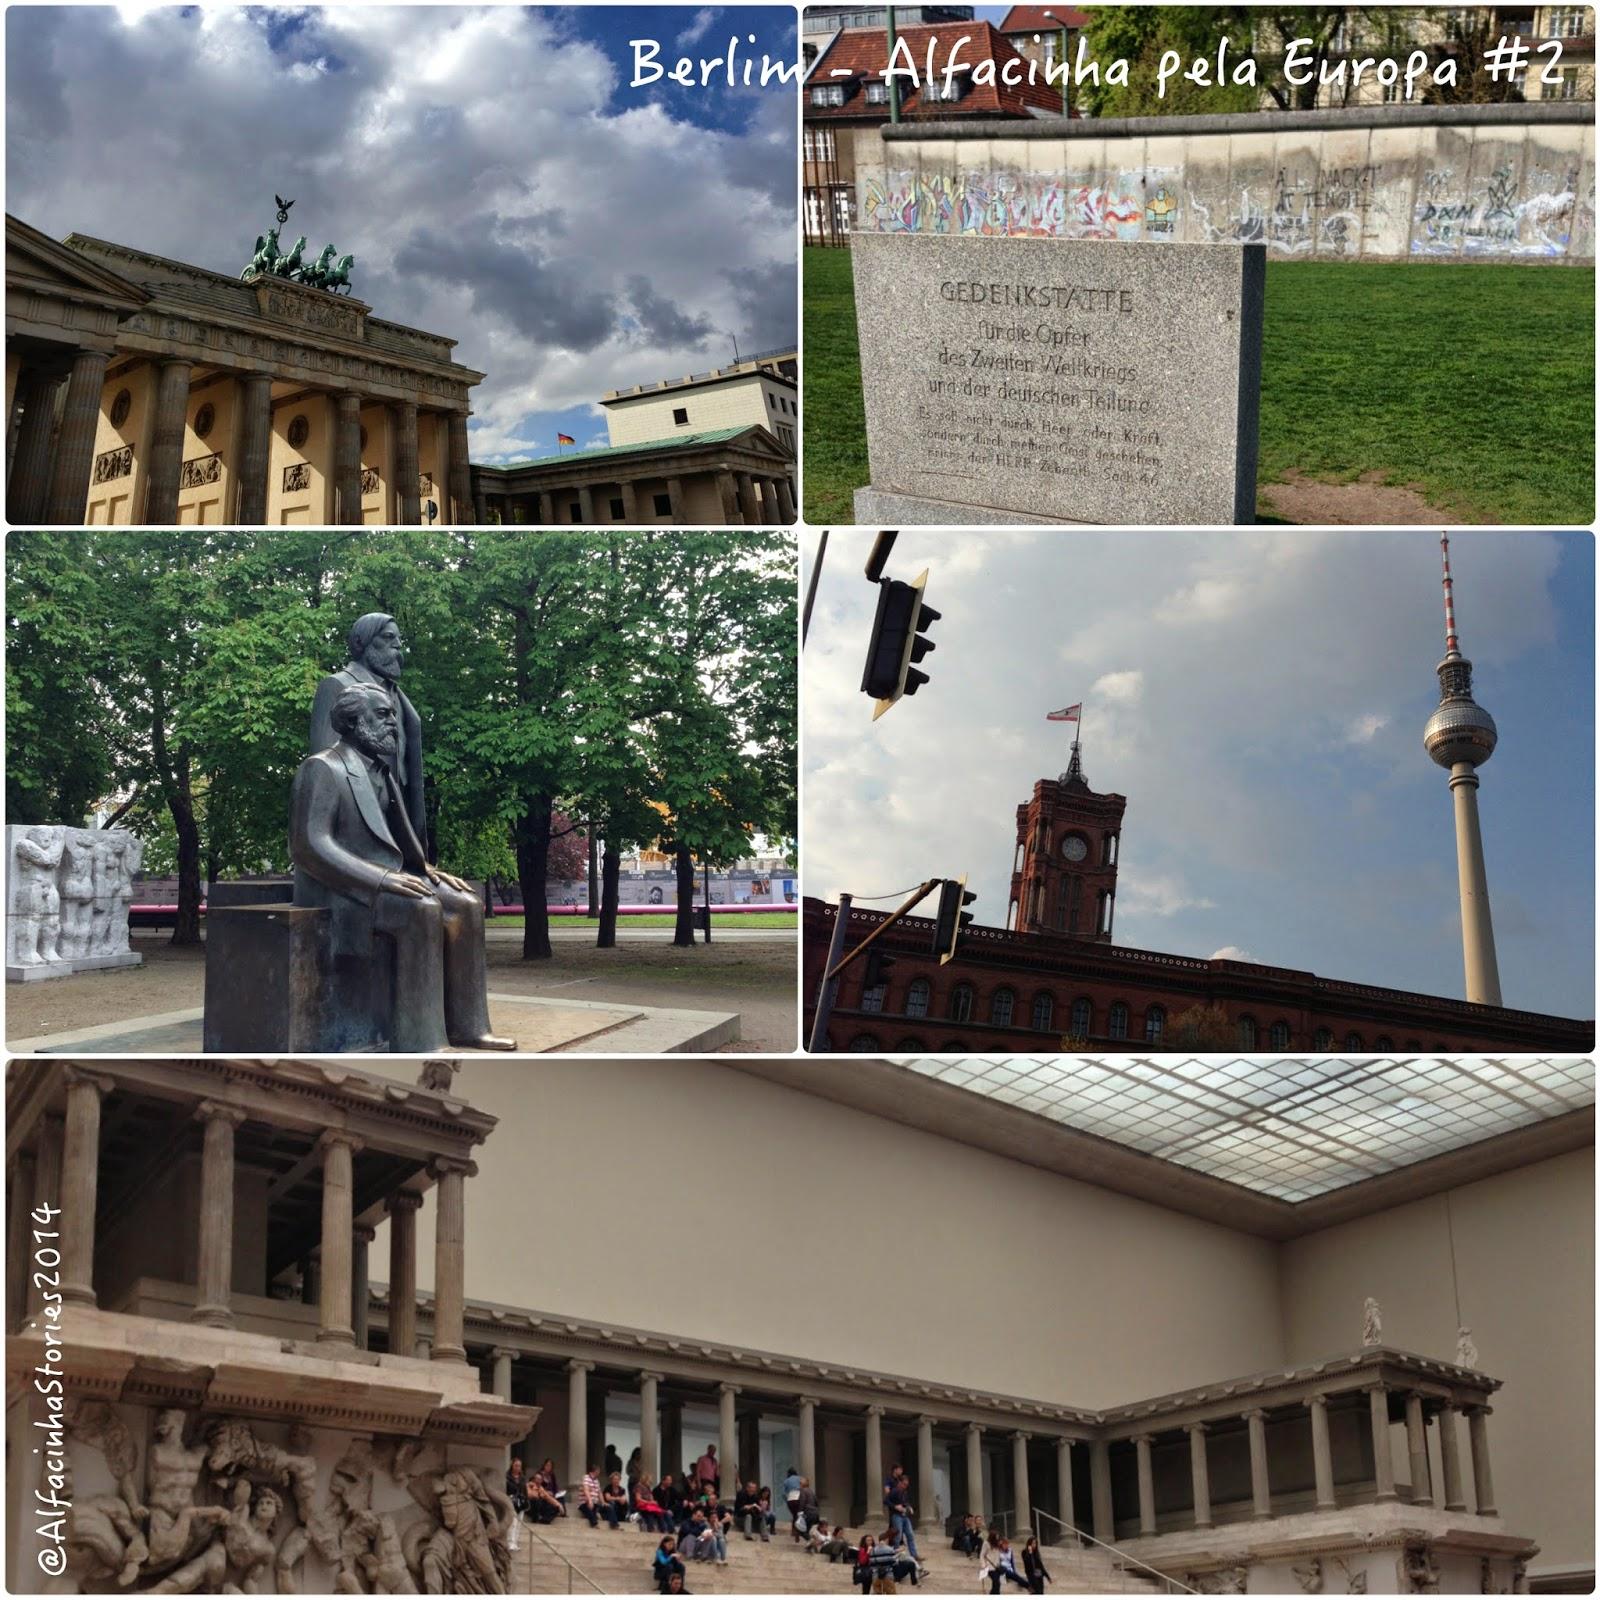 Berlim (Alfacinha pela Europa #2)